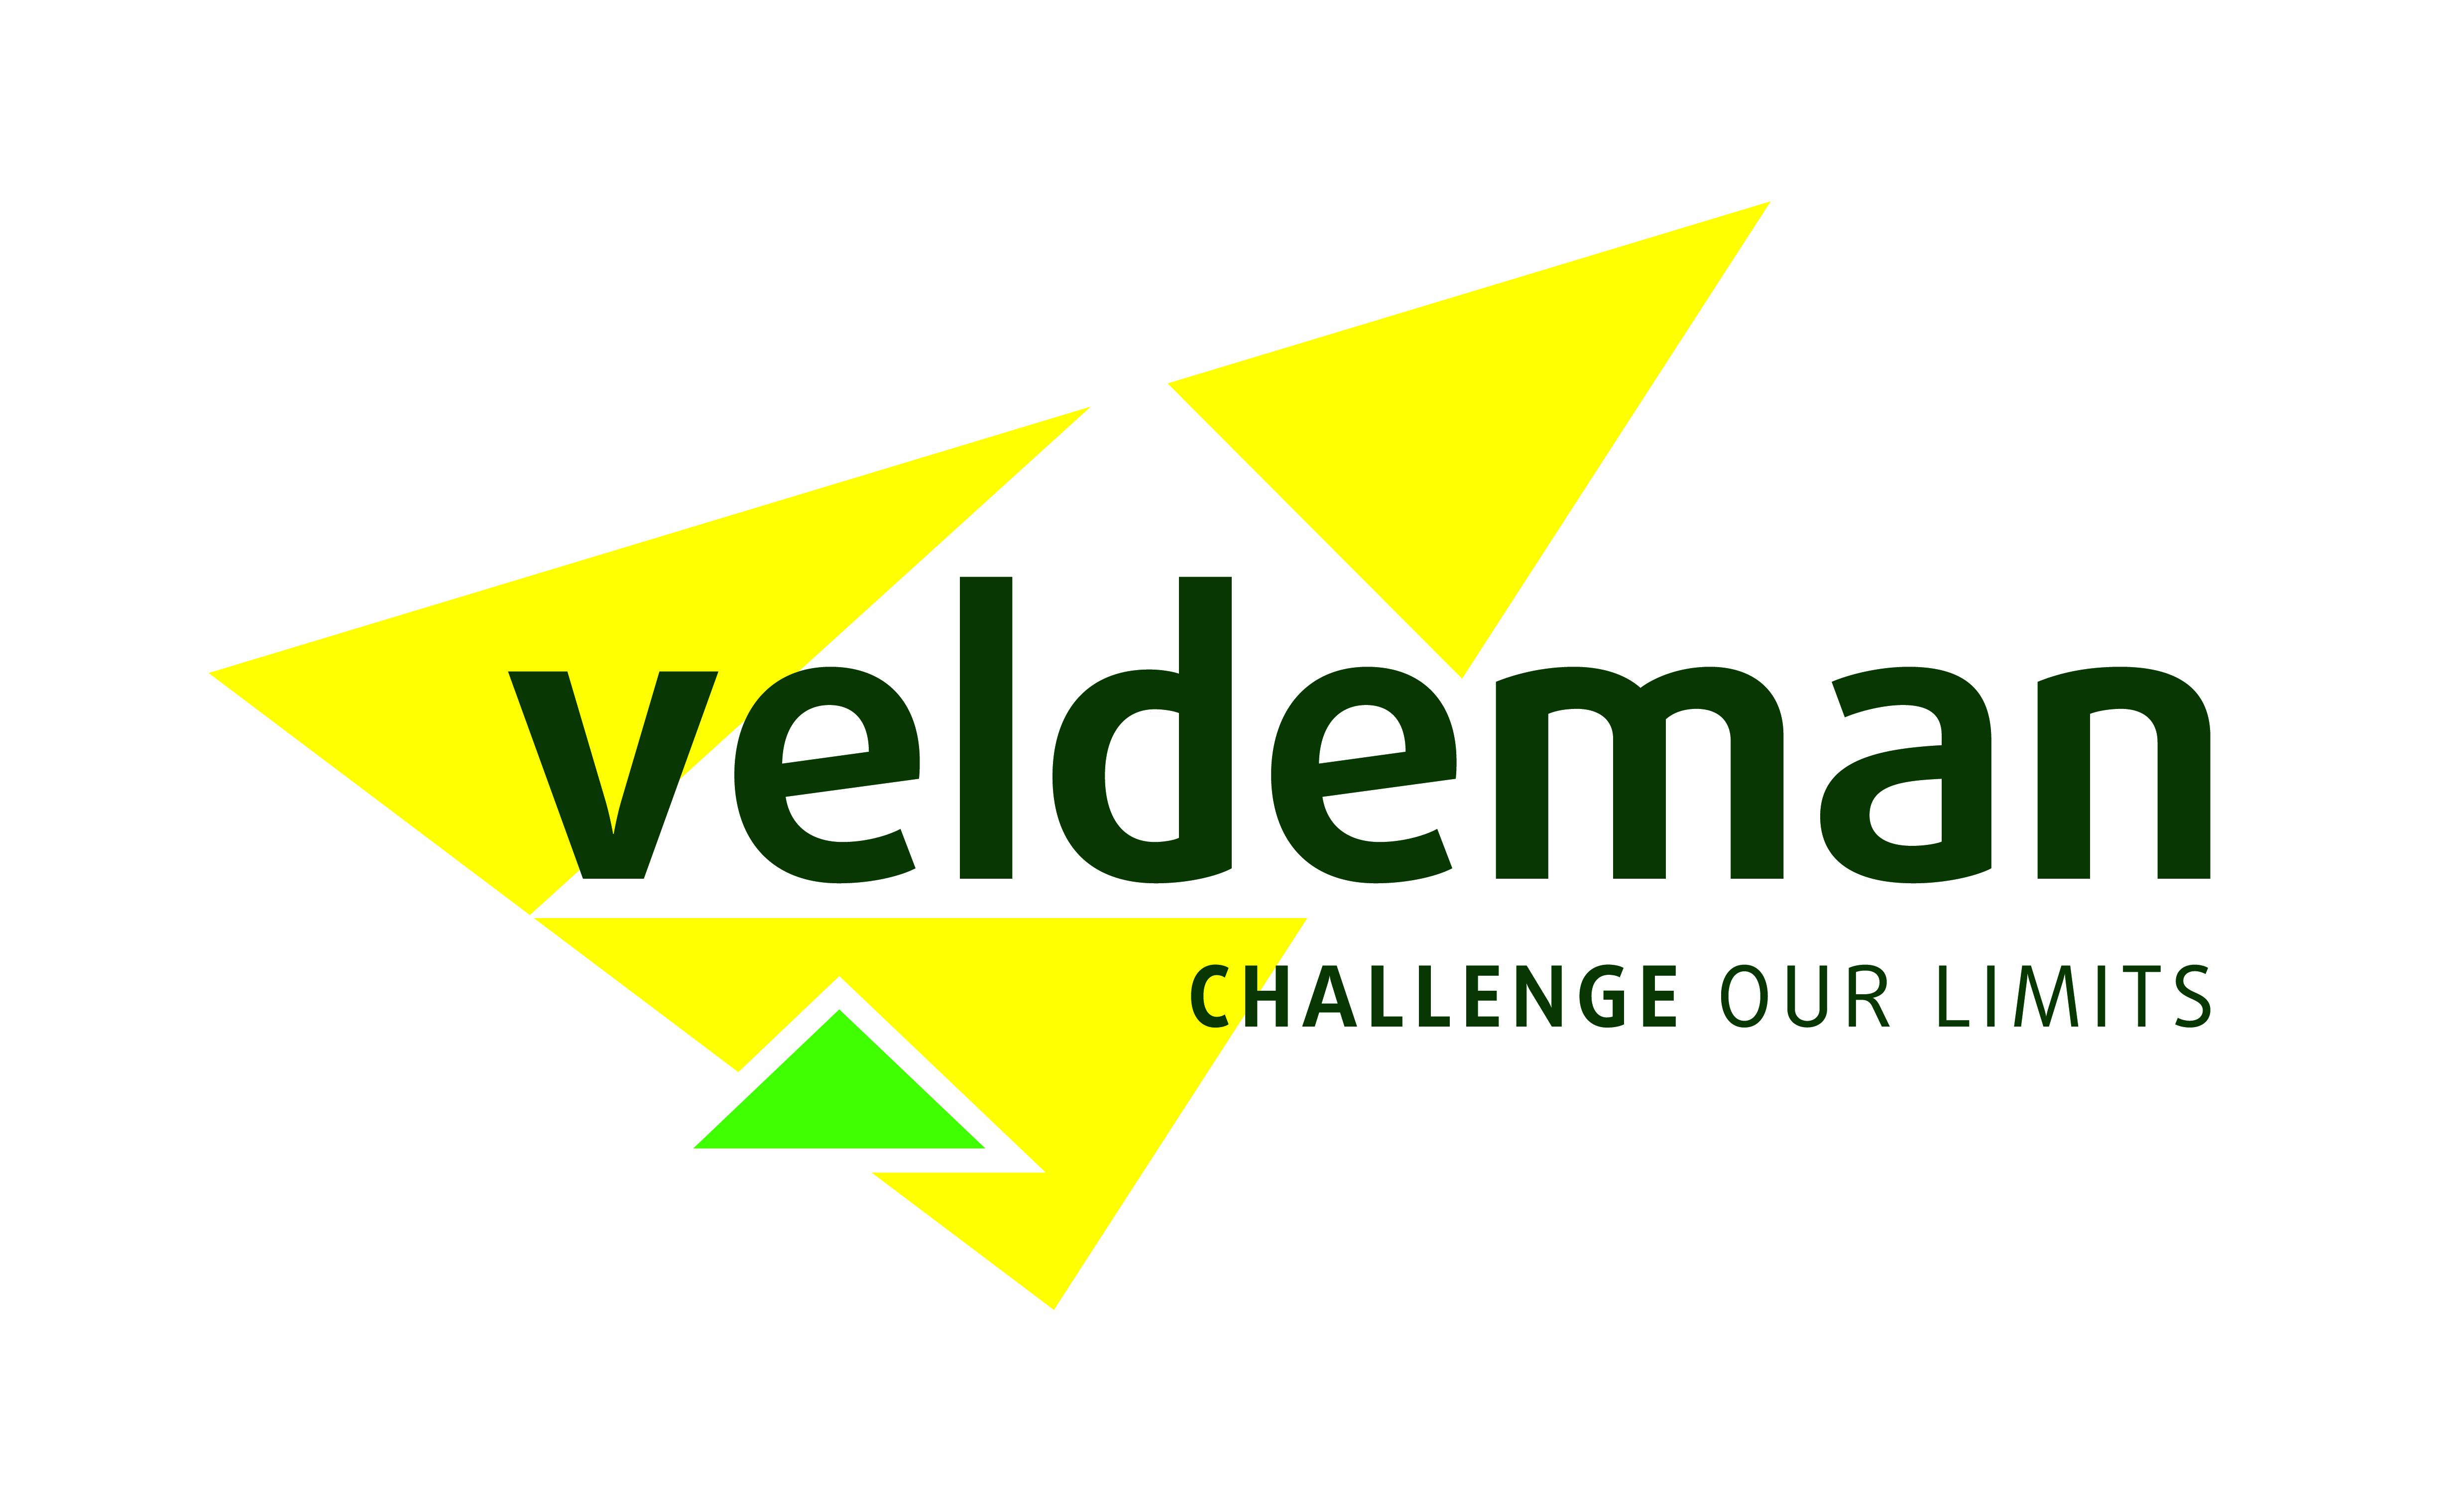 Veldeman - 'Challenge our limits': wij gaan geen enkele uitdaging uit de weg en zoeken steeds naar de beste totaaloplossing op maat van de klant